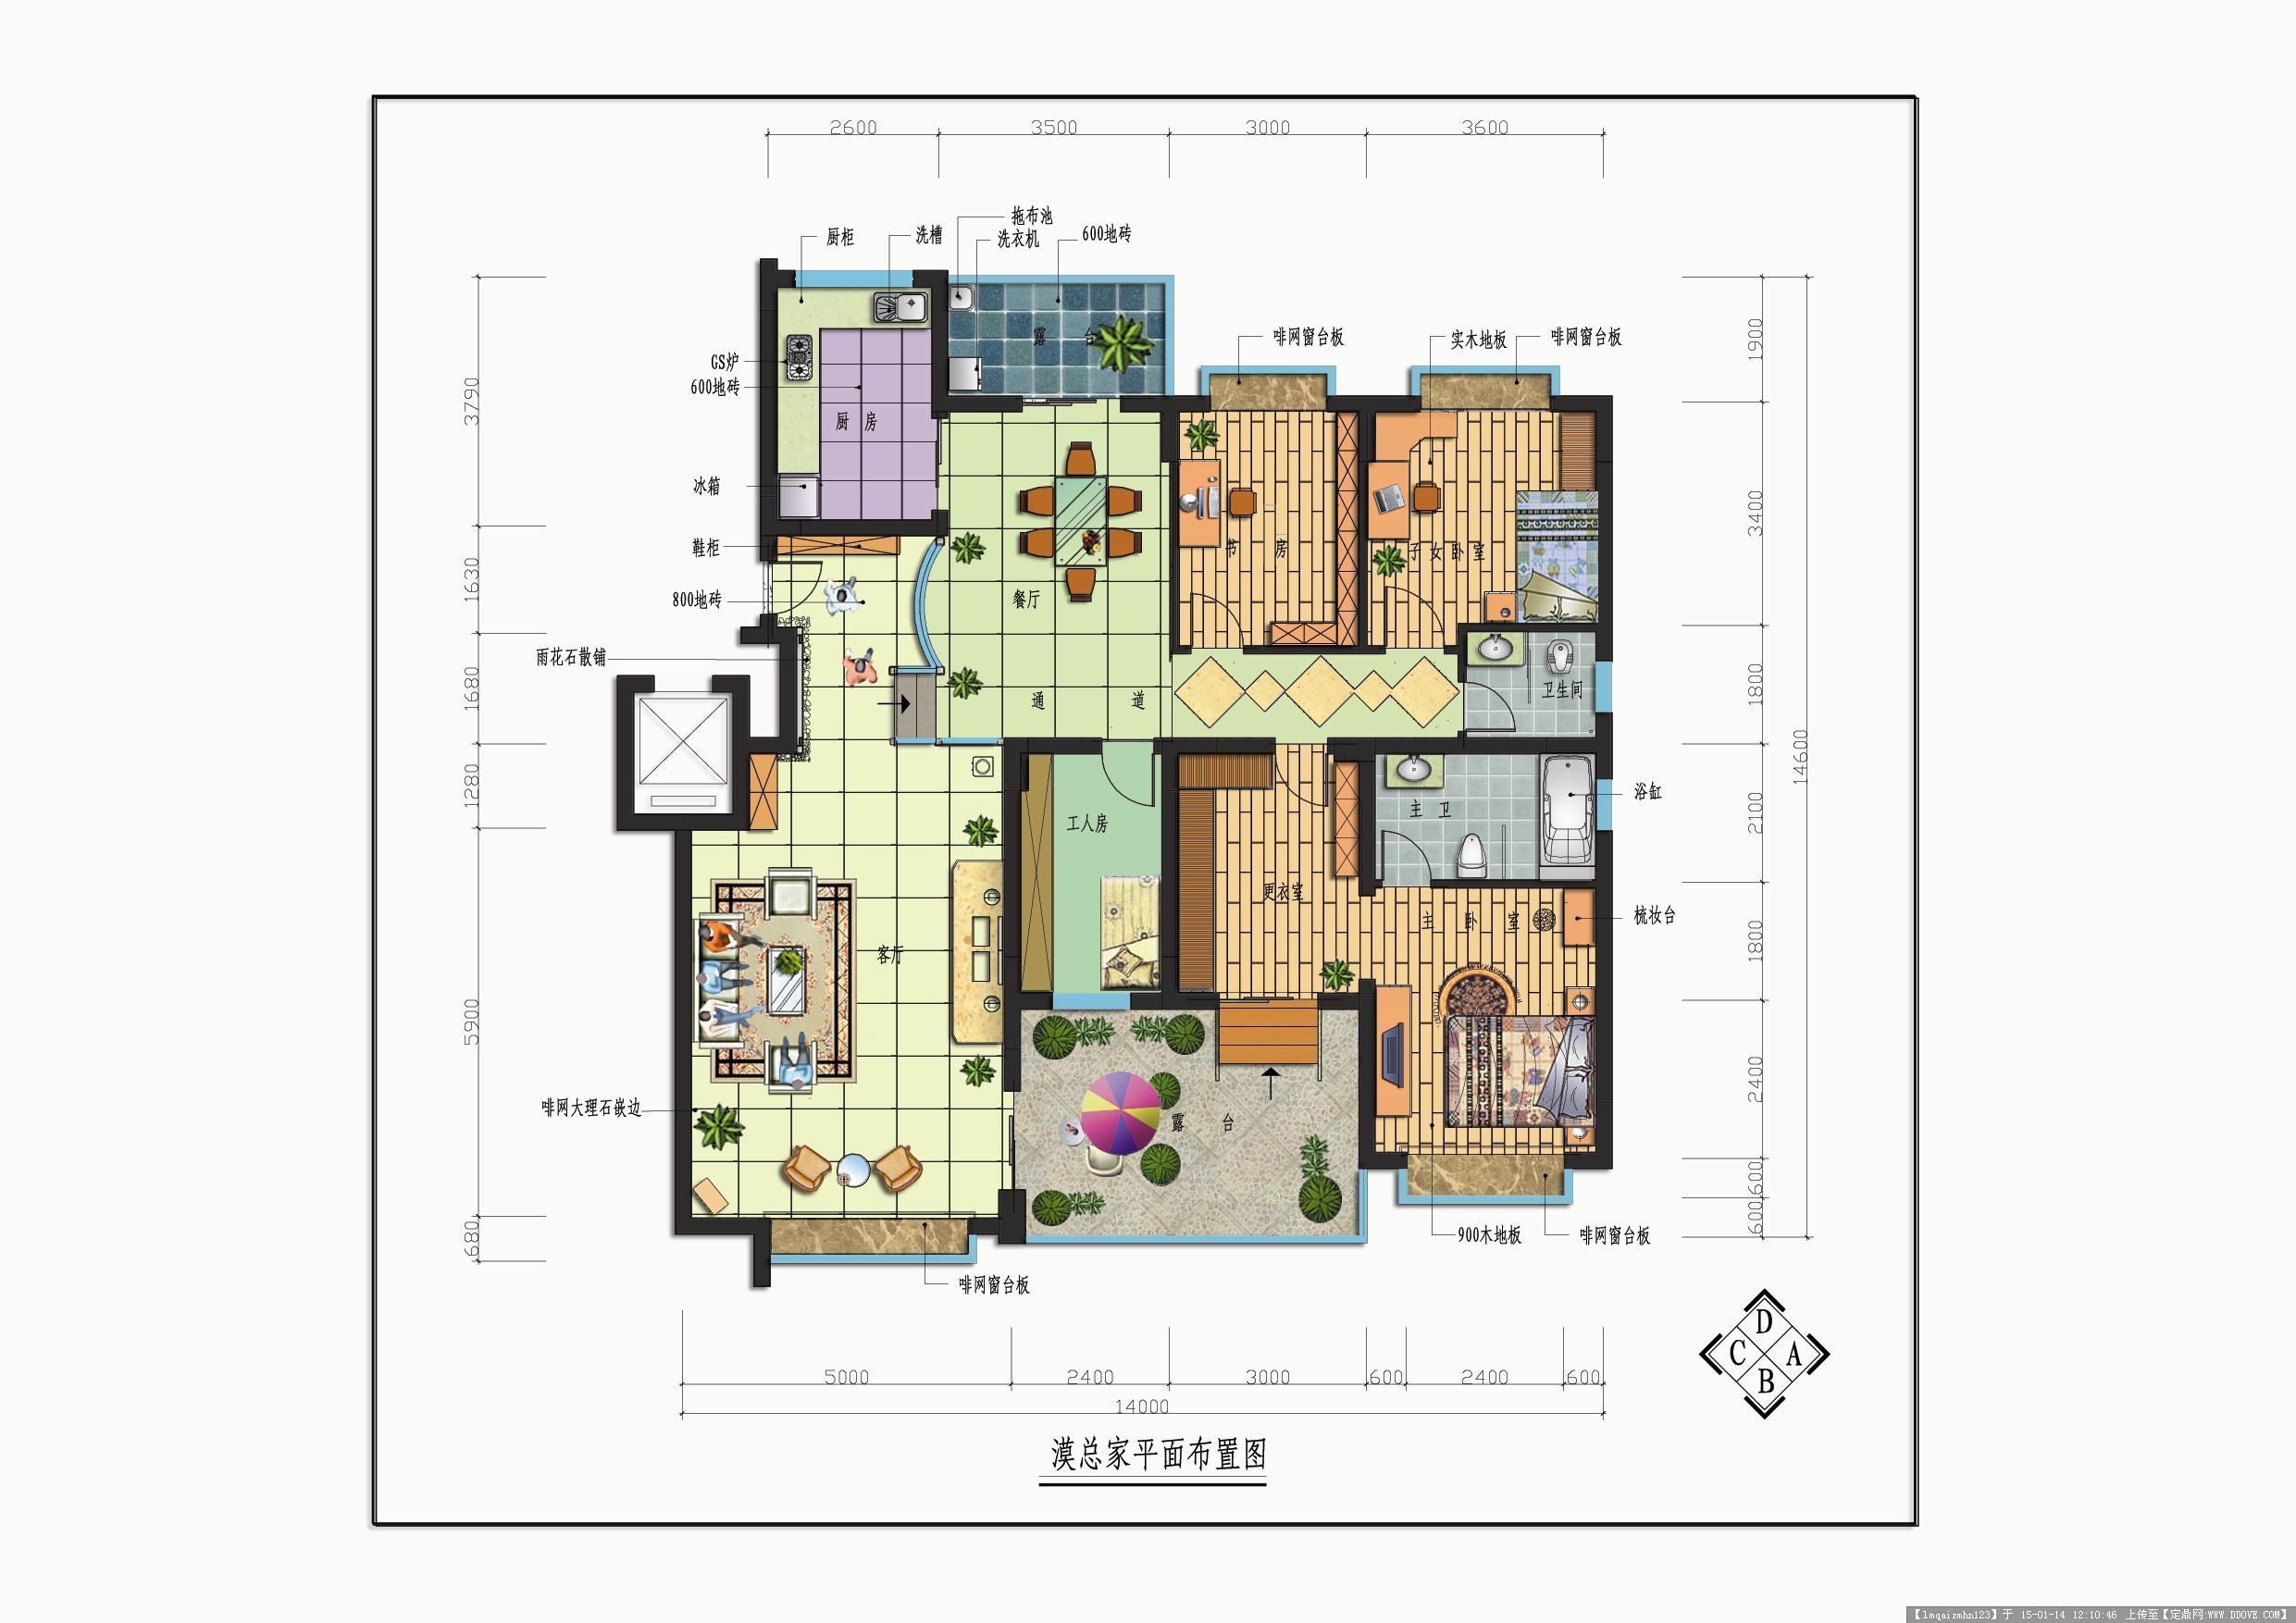 室内设计平面图效果图